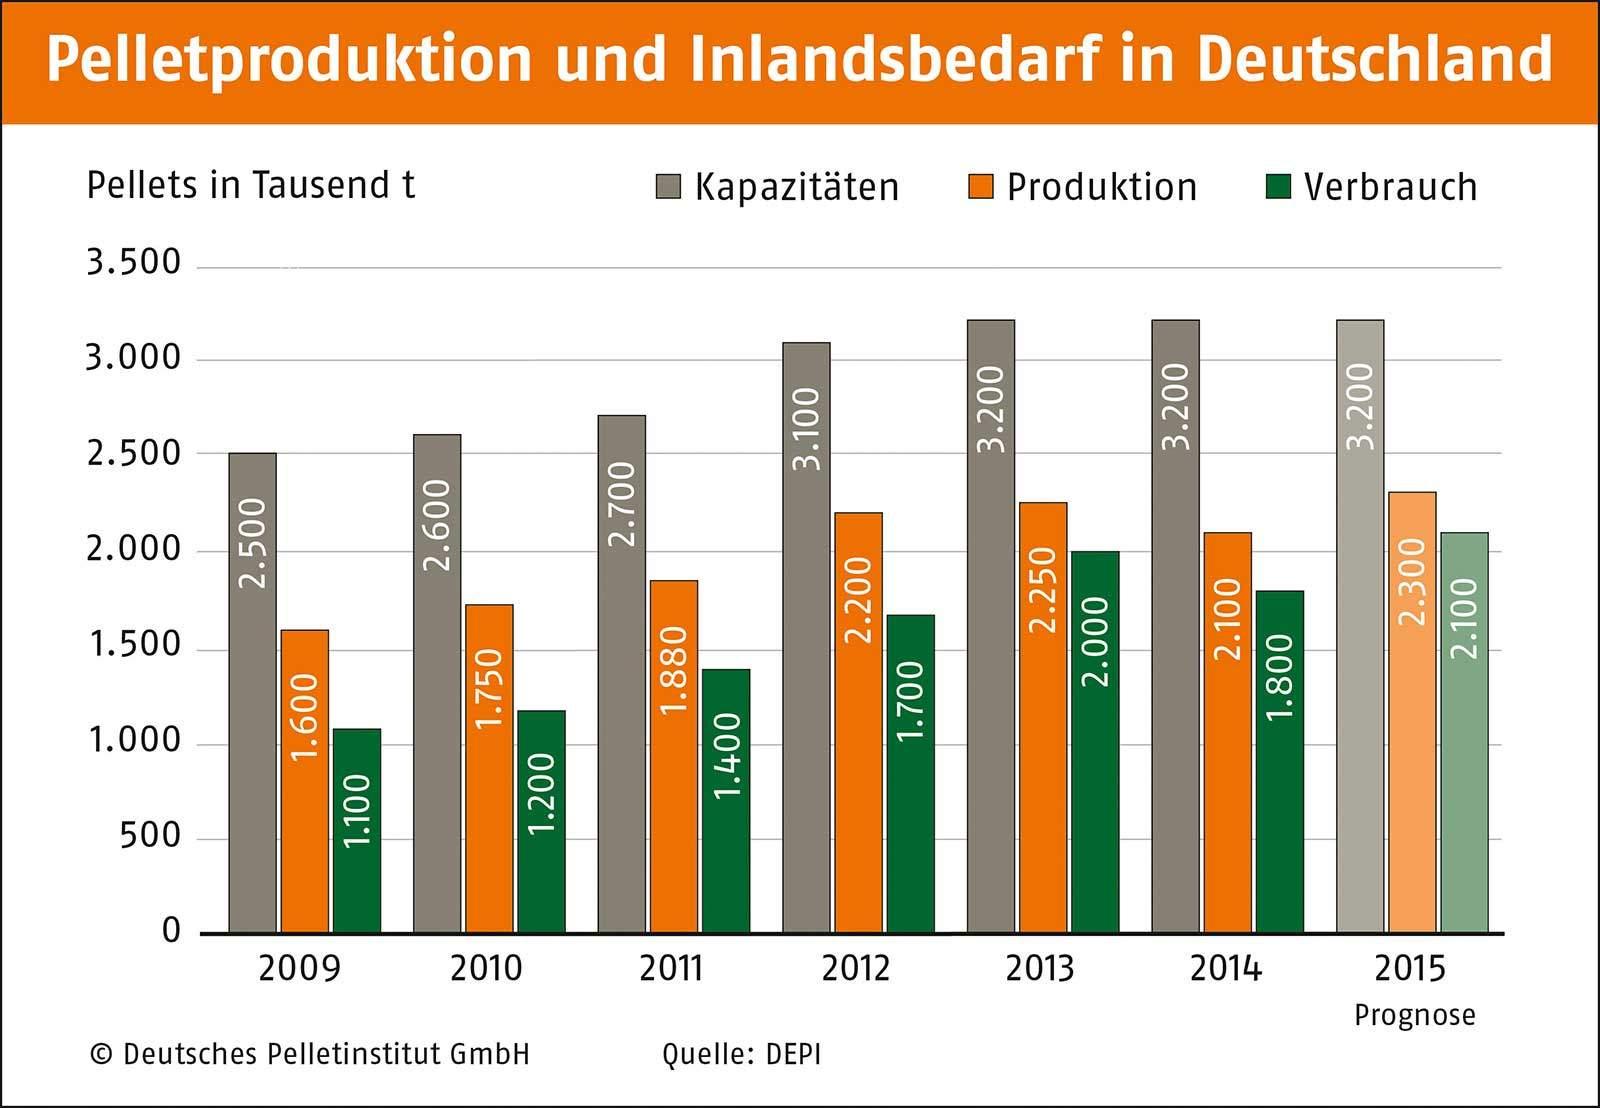 Pelletproduktion und Inlandsbedarf - Bild: DEPI